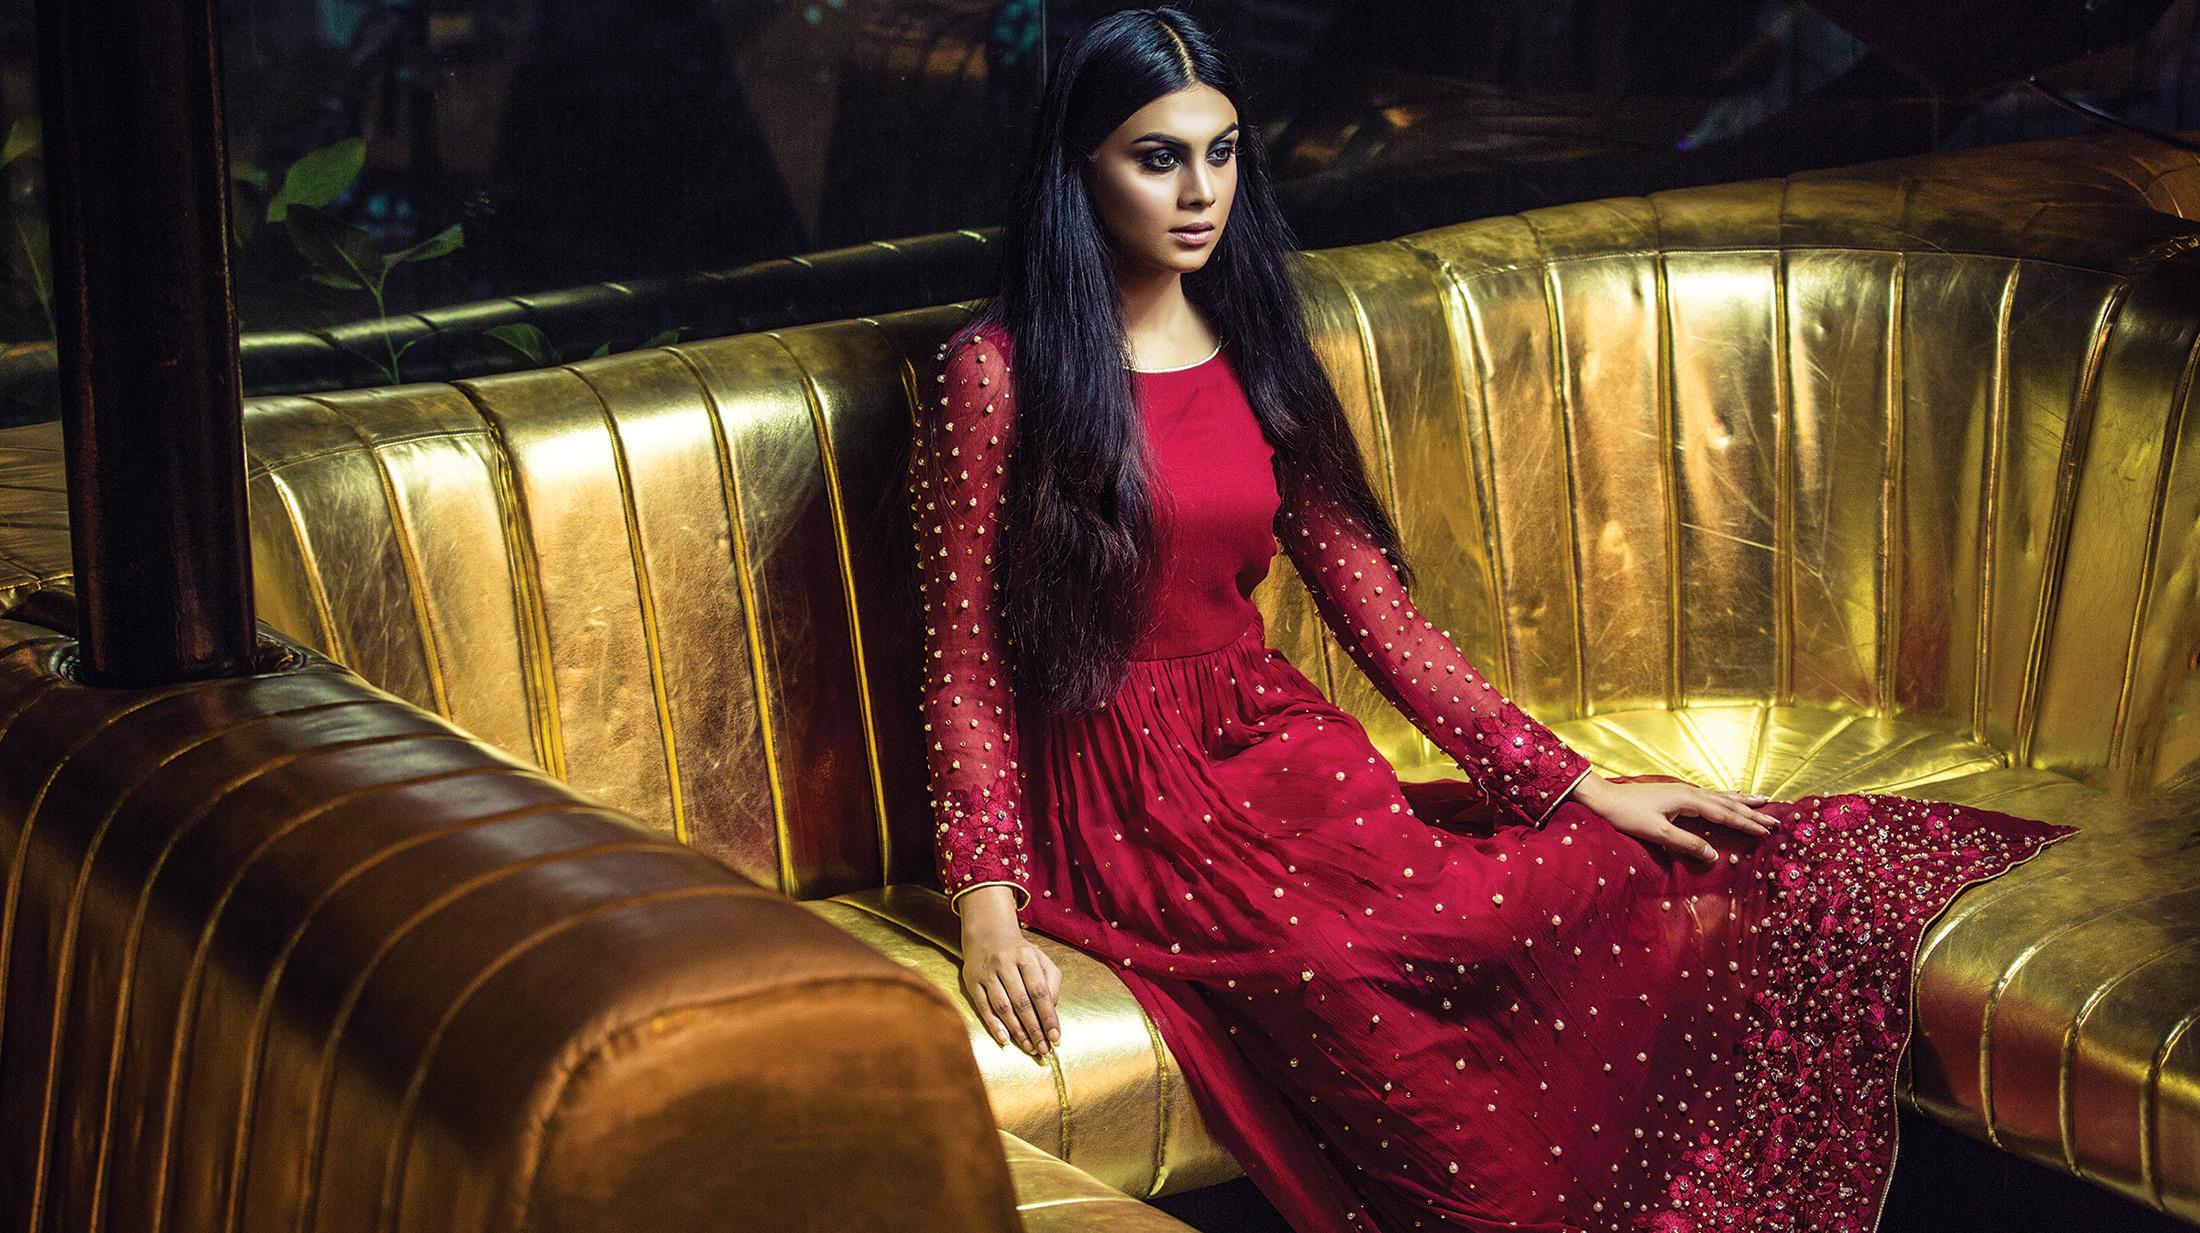 sahar-rahman-couture